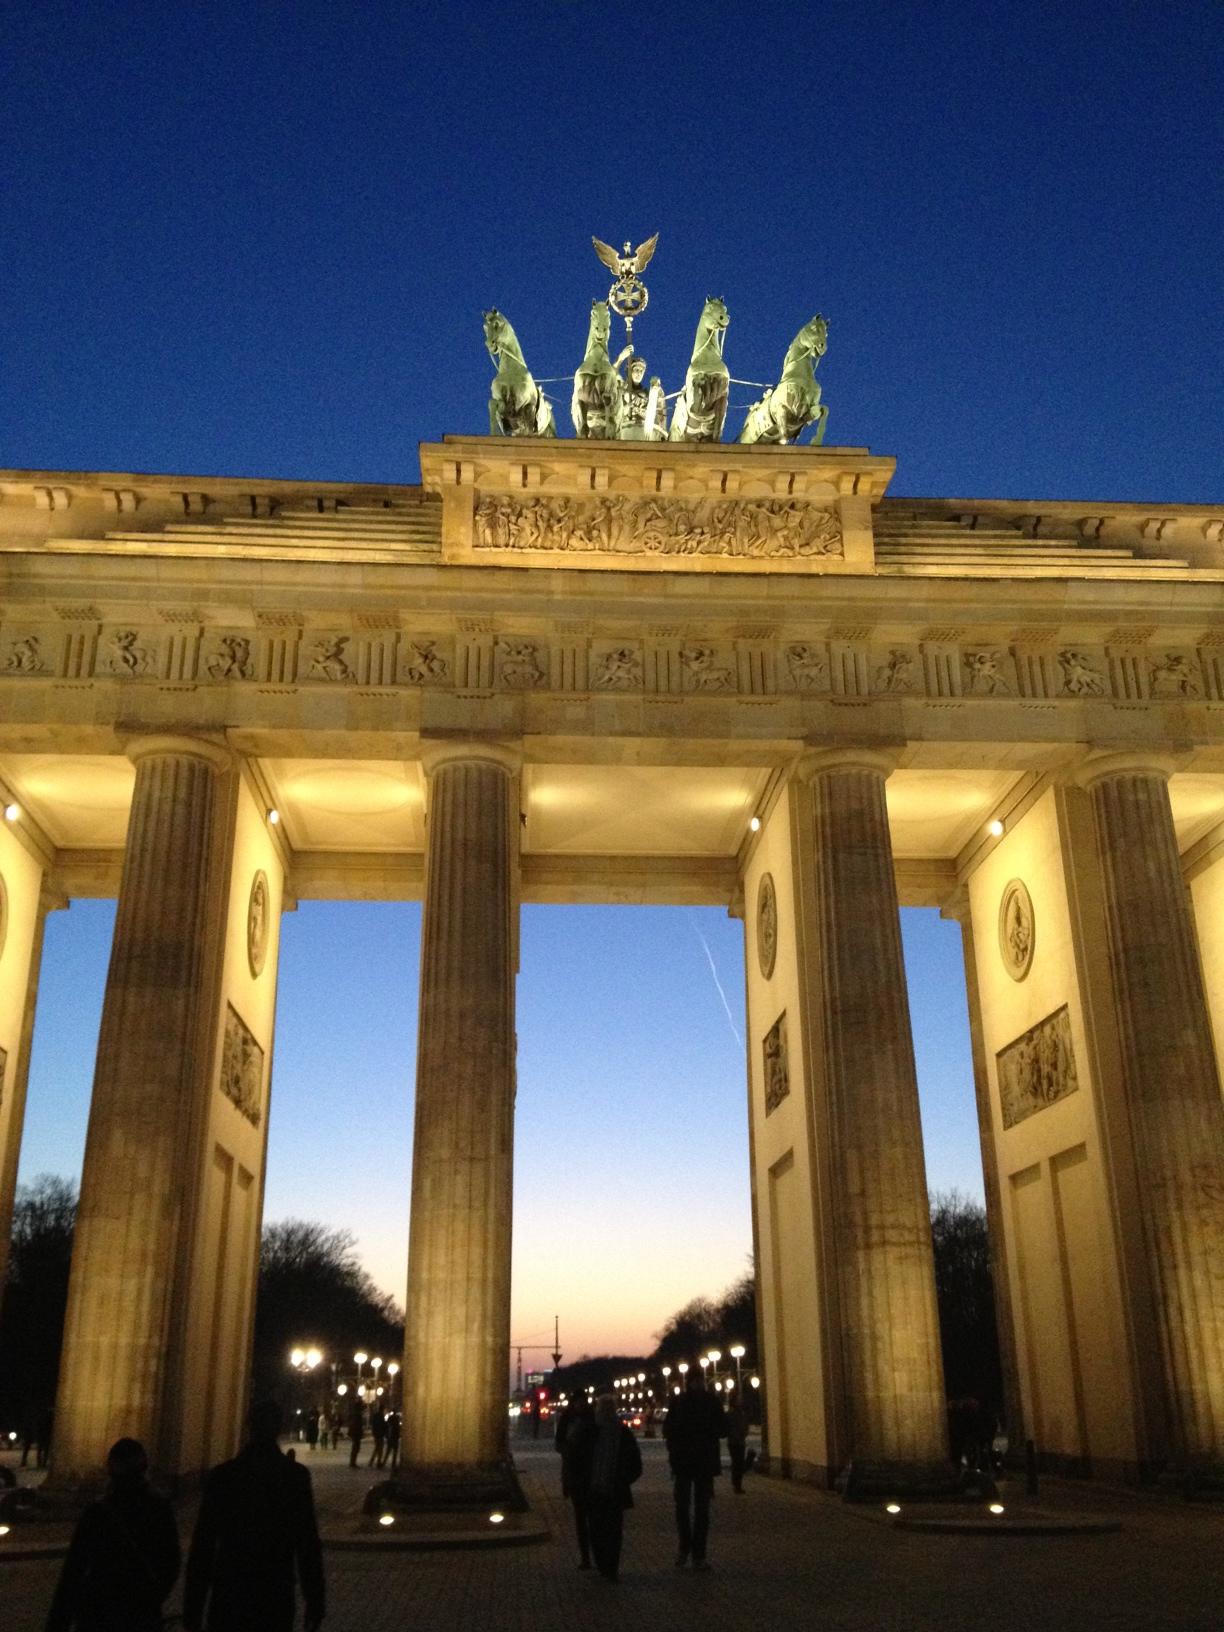 HOWEHAUS BERLIN BRANDENBURG GATE